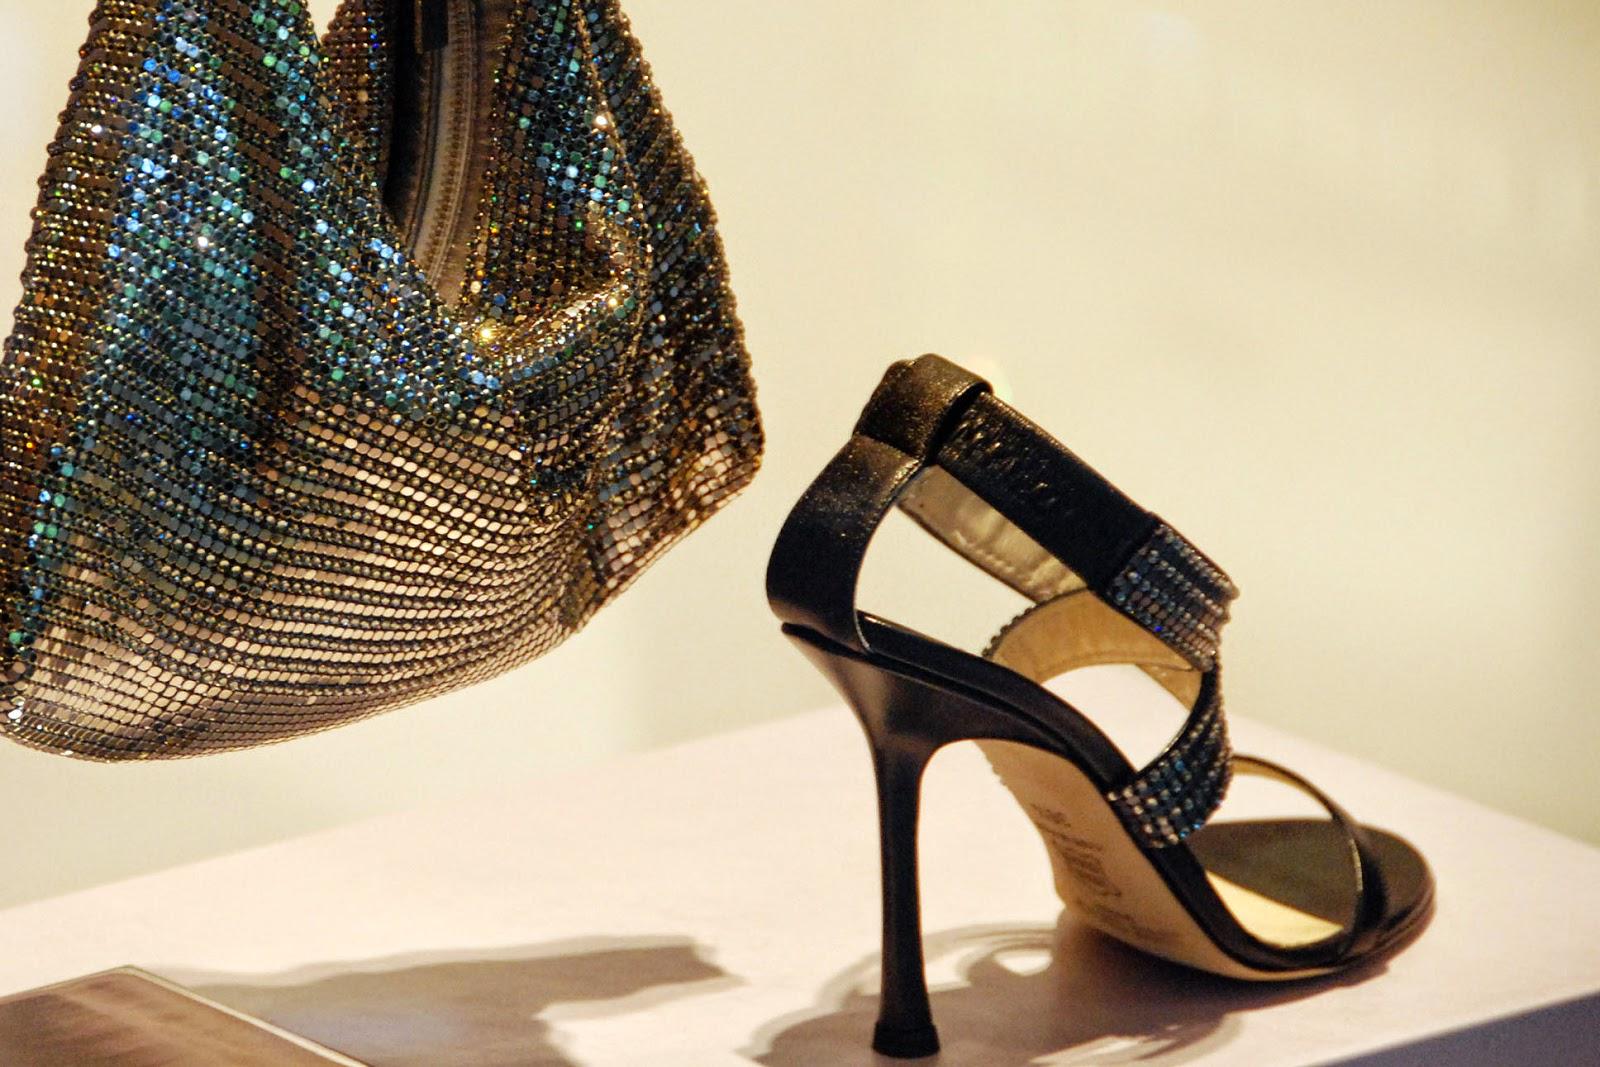 Mengapa Cewek Doyan Koleksi Sepatu Sandal Padahal Yang Dipake